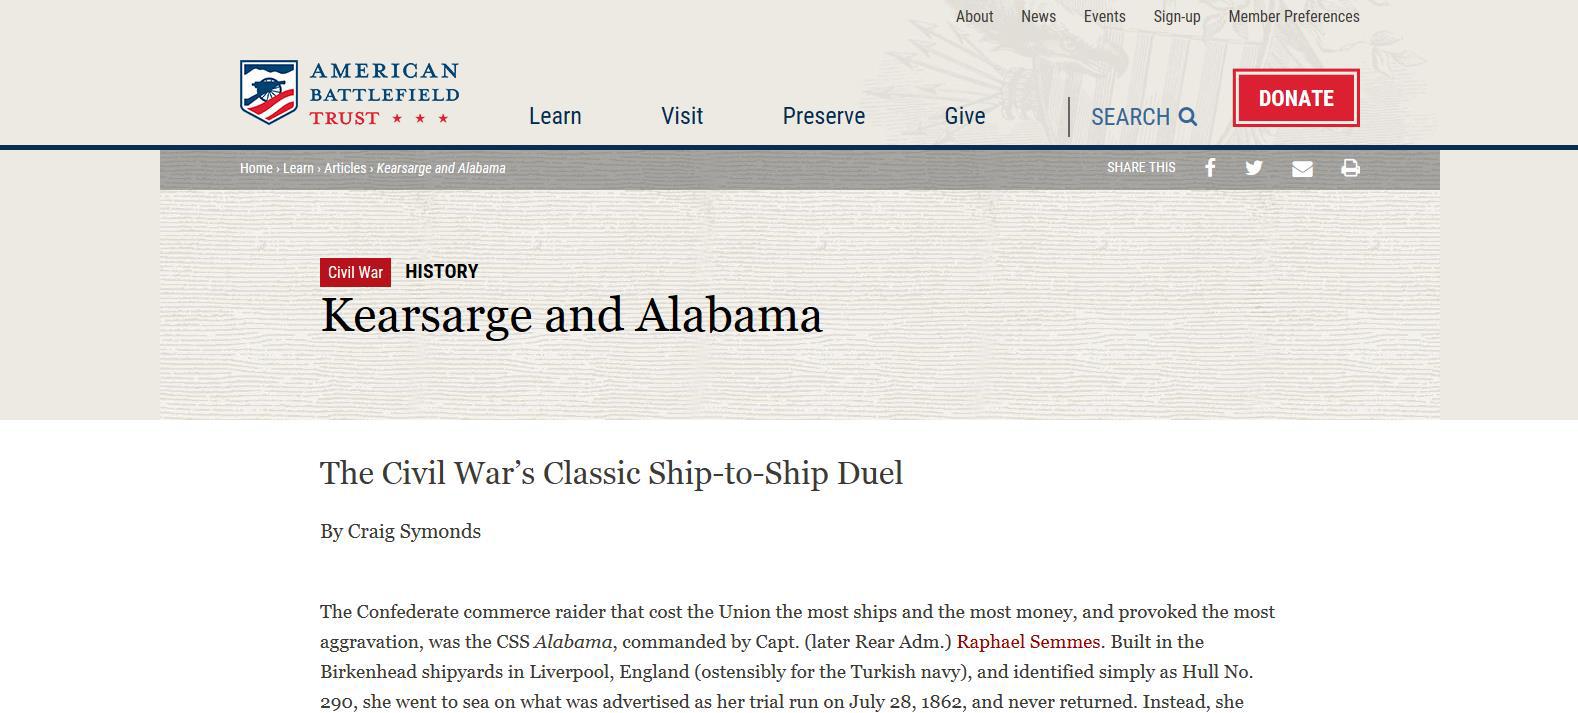 Cliquez sur l'image pour accéder au site The Civil War Preservation Trust